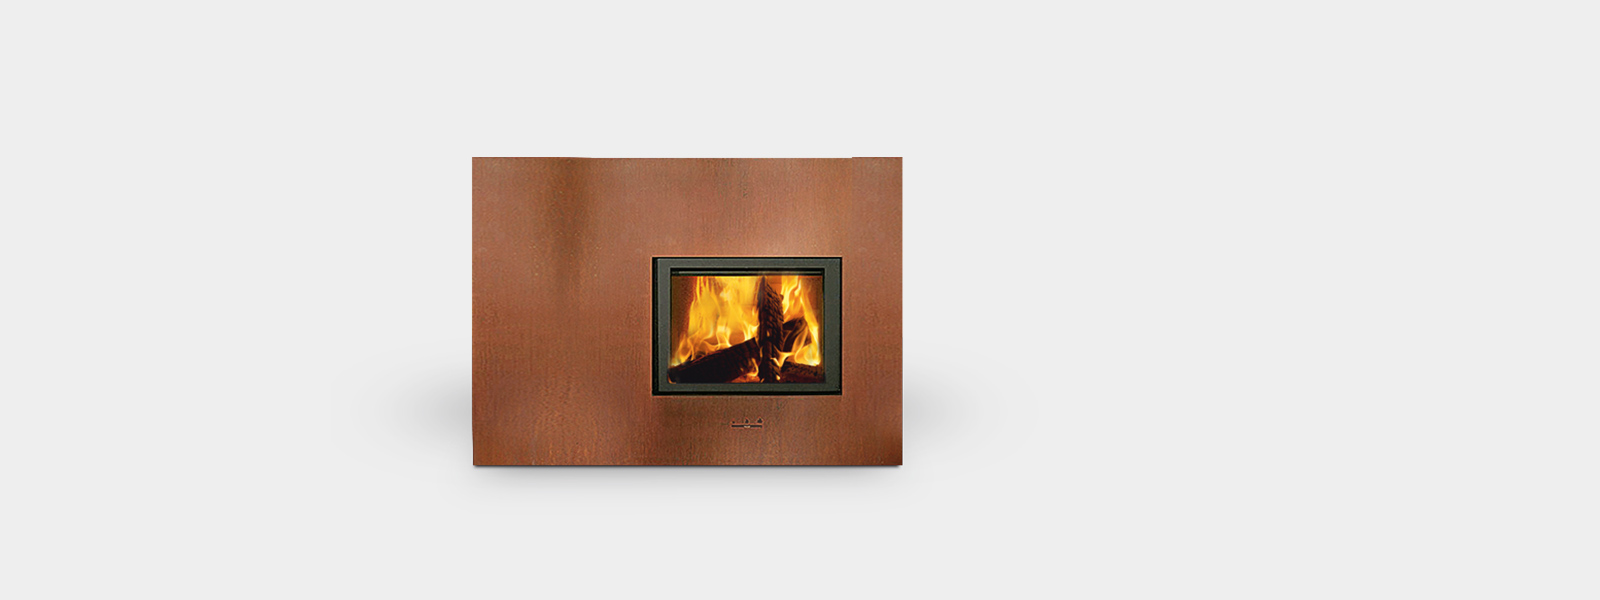 Offerta speciale stufa a legna X-BOARD - divisorio camera di design